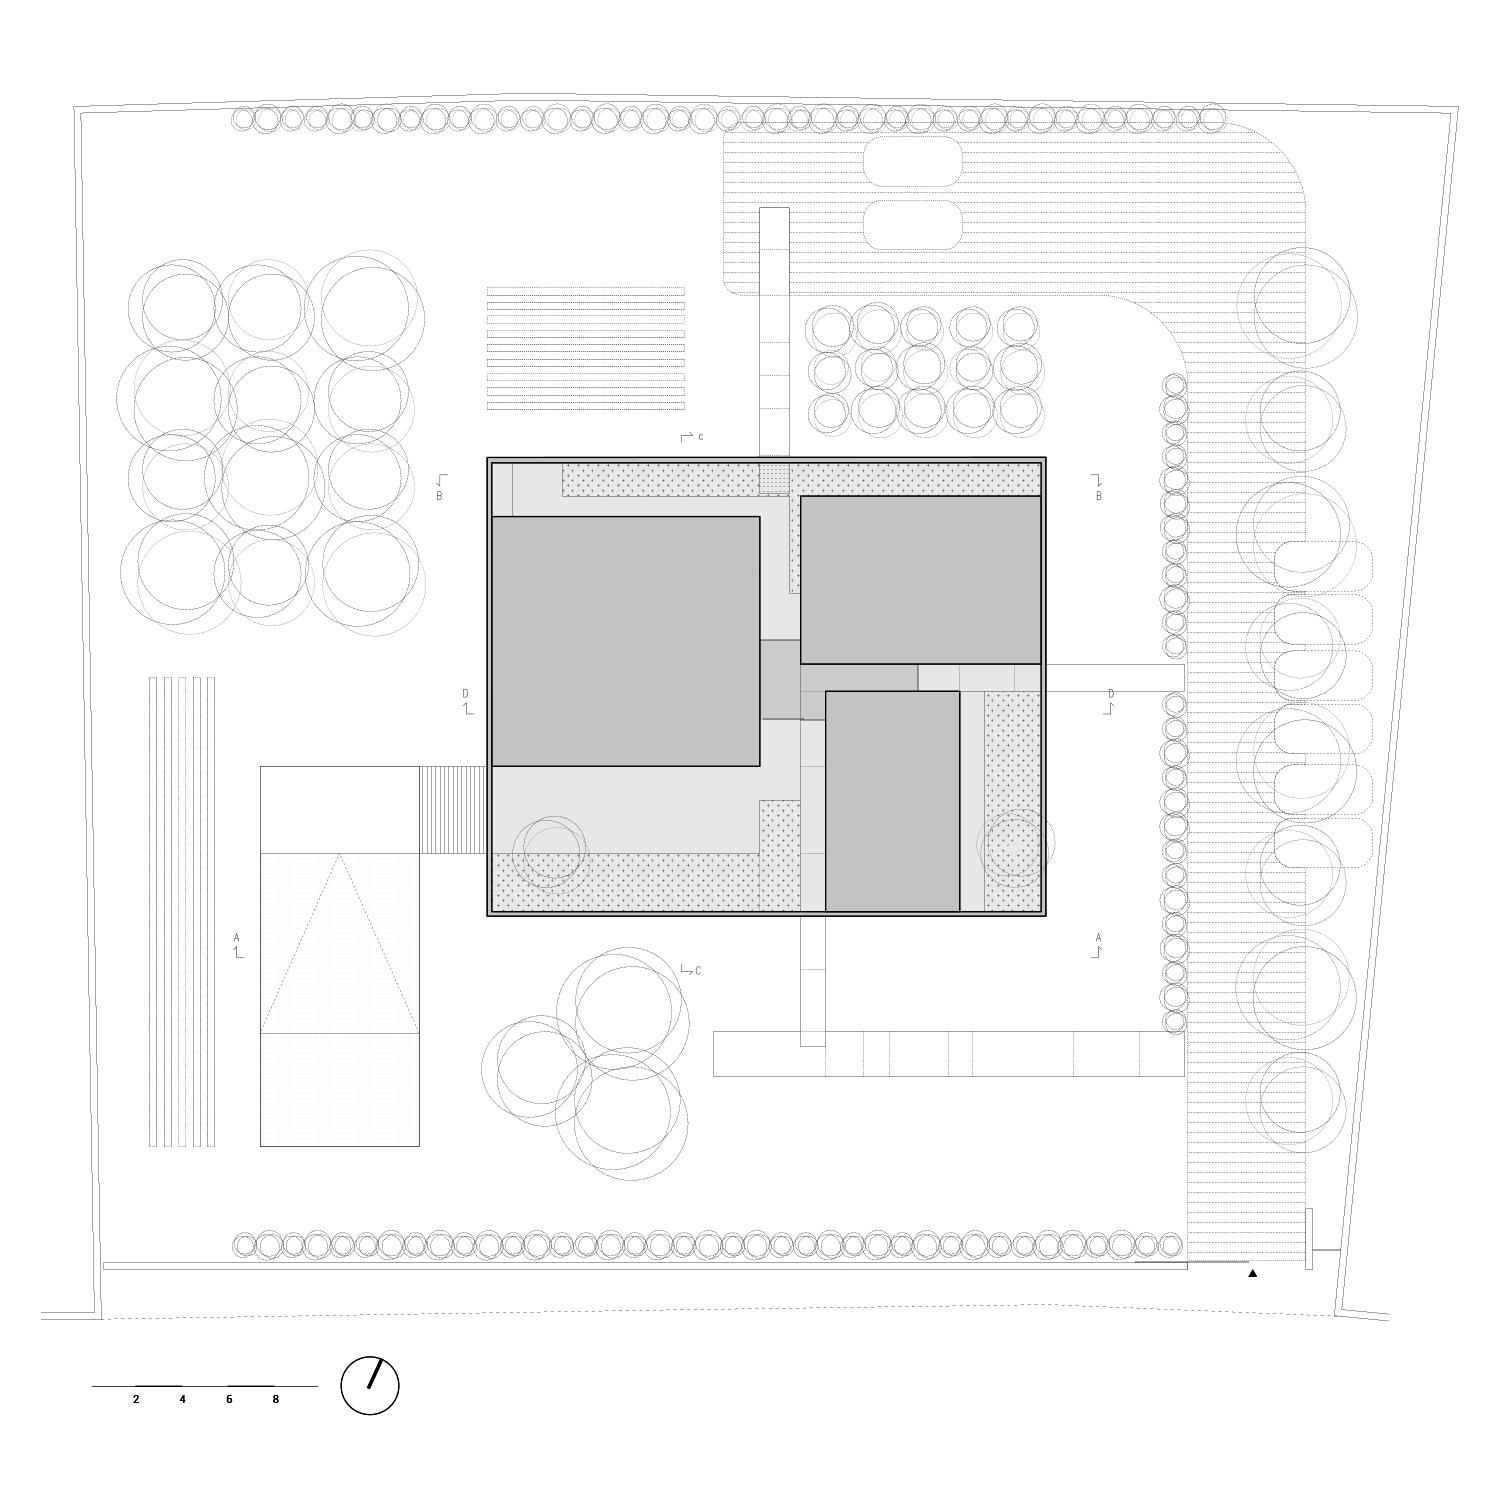 planimetria di copertura e sistemazione esterna Arch. Salvatore Terranova_ Ing. Giorgia Testa}